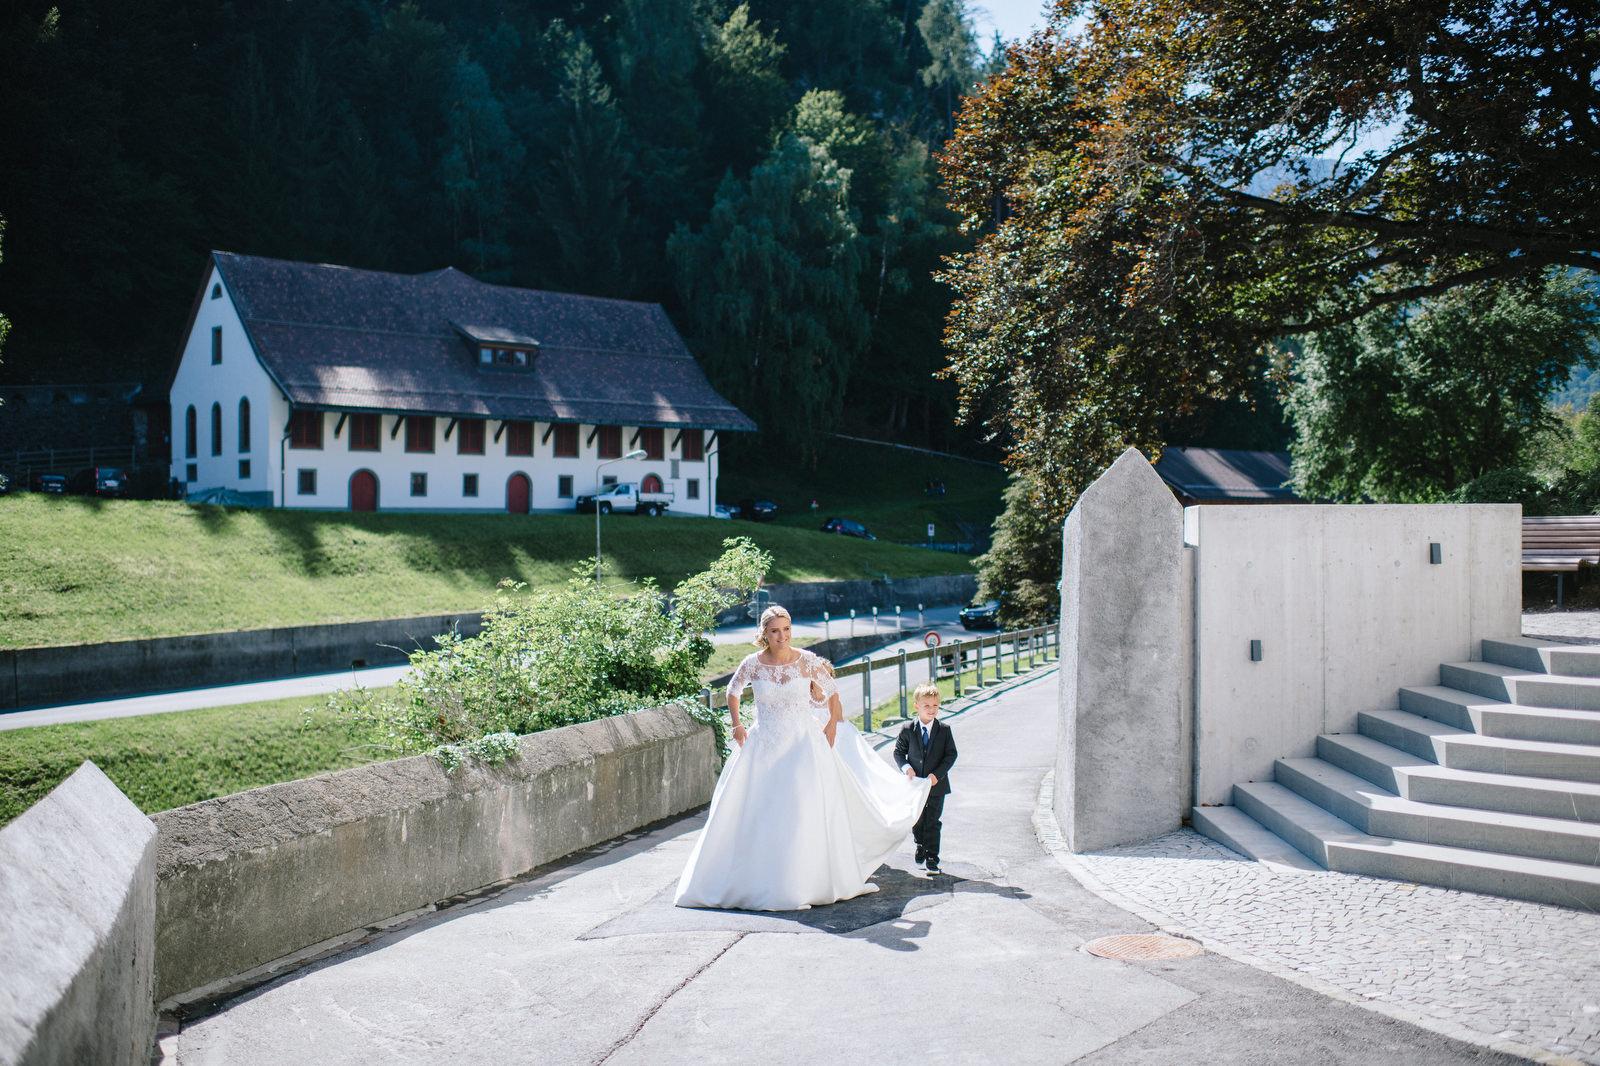 Fotograf Konstanz - Luxus Hochzeit Fotograf Grand Resort Bad Ragaz Schweiz Lichtenstein 047 - Destination wedding at the Grand Resort Bad Ragaz, Swiss  - 138 -